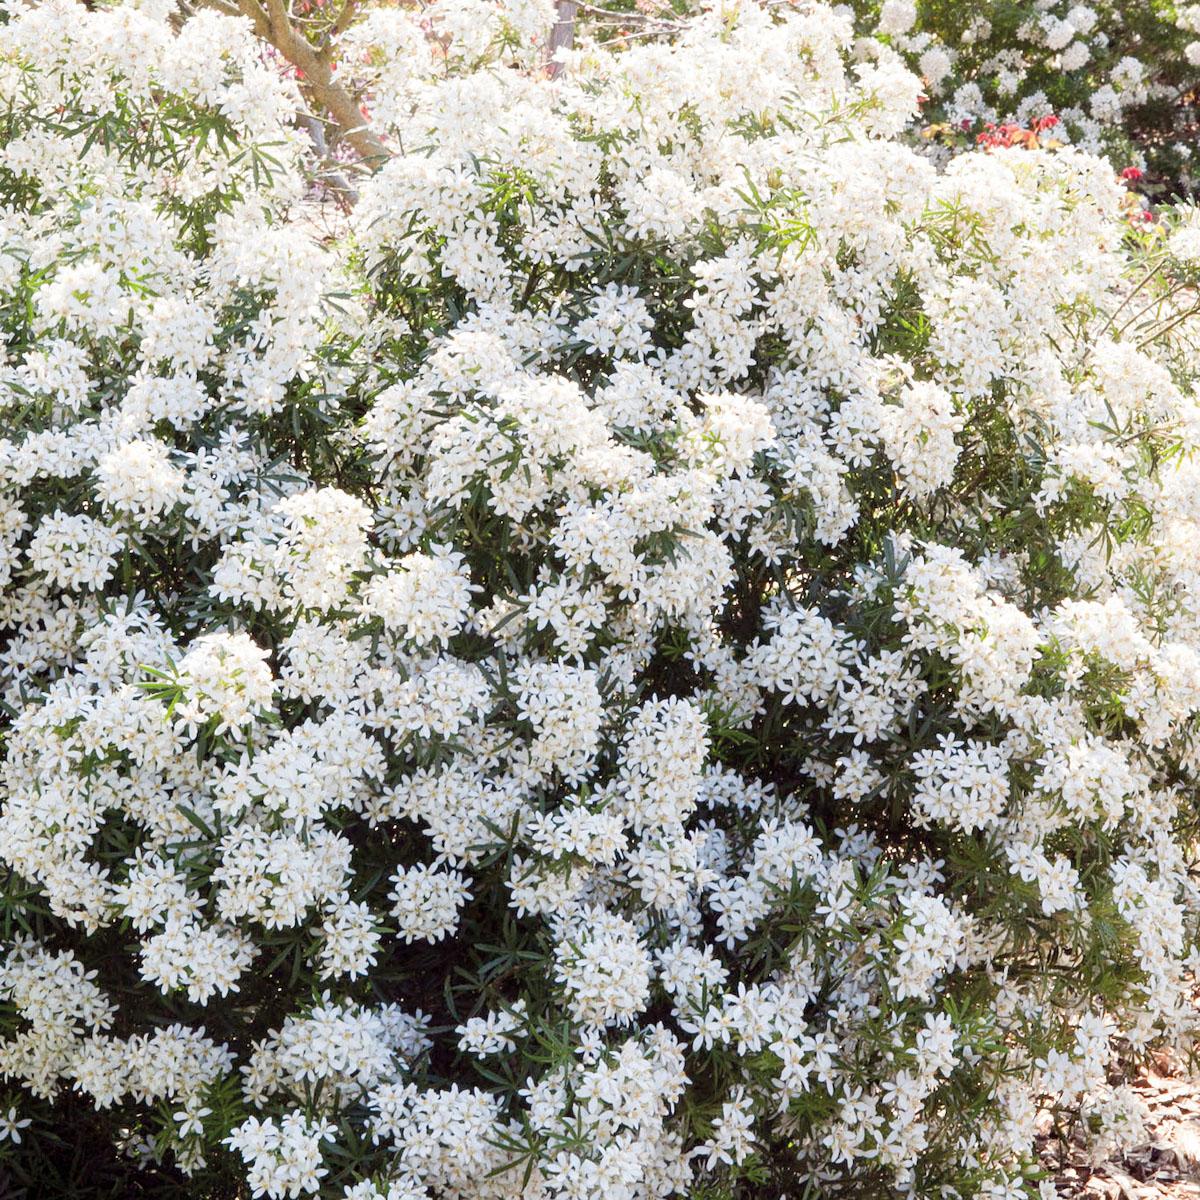 Choisya - hybride - White Dazzler - Londaz